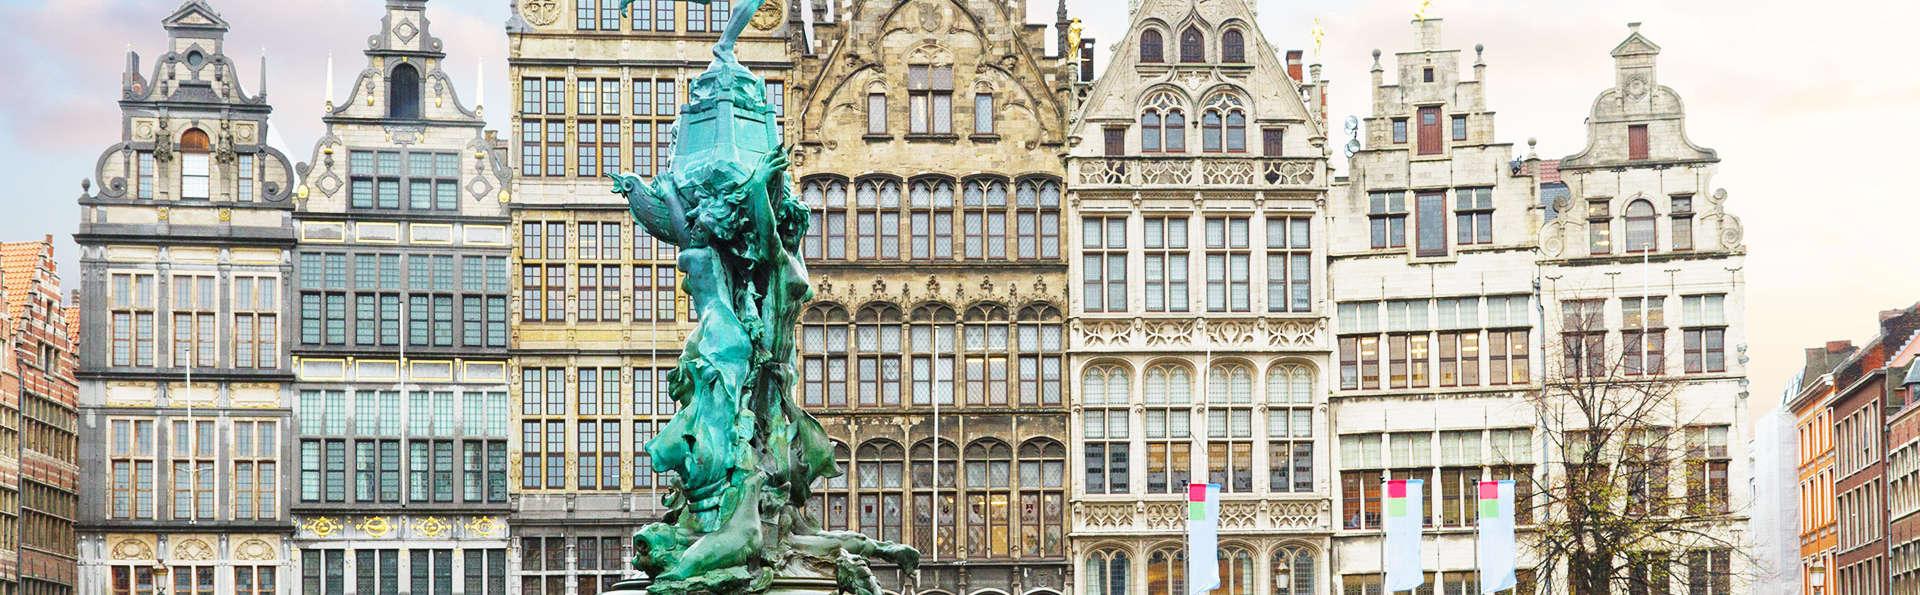 Découvrez les trésors qu'Anvers a à offrir